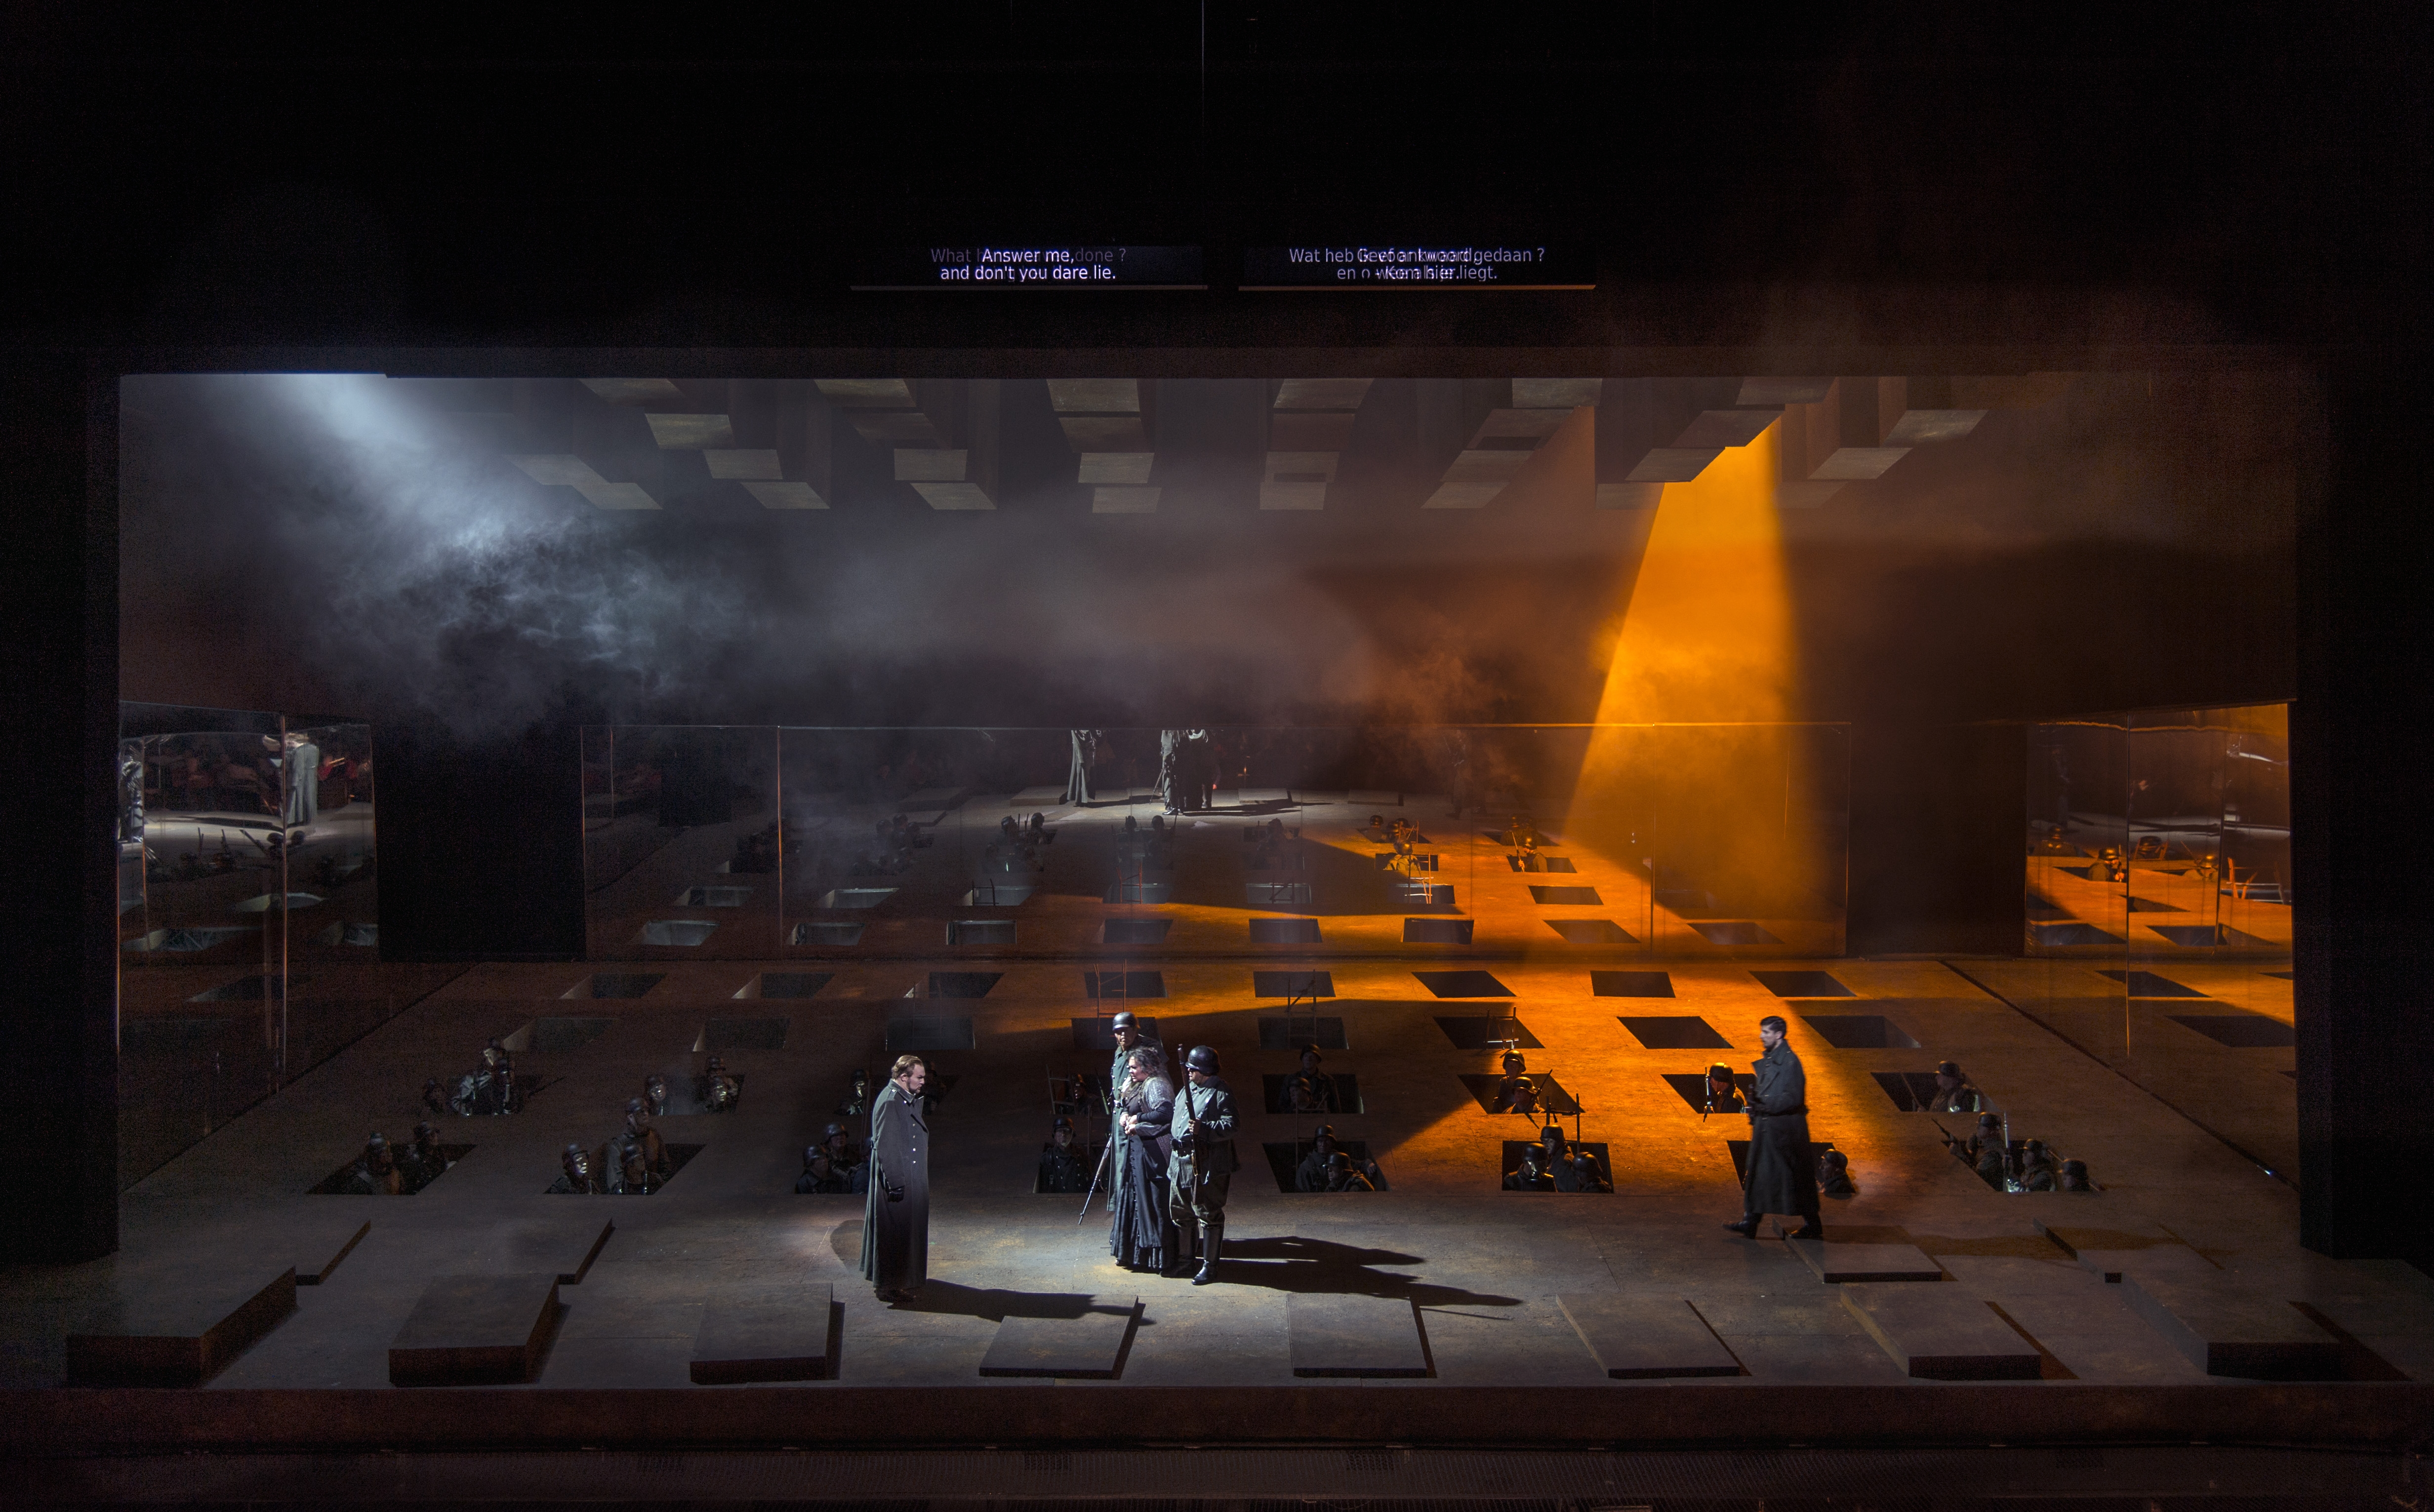 Scène uit 'Il trovatore' met solisten en Koor van De Nationale Opera